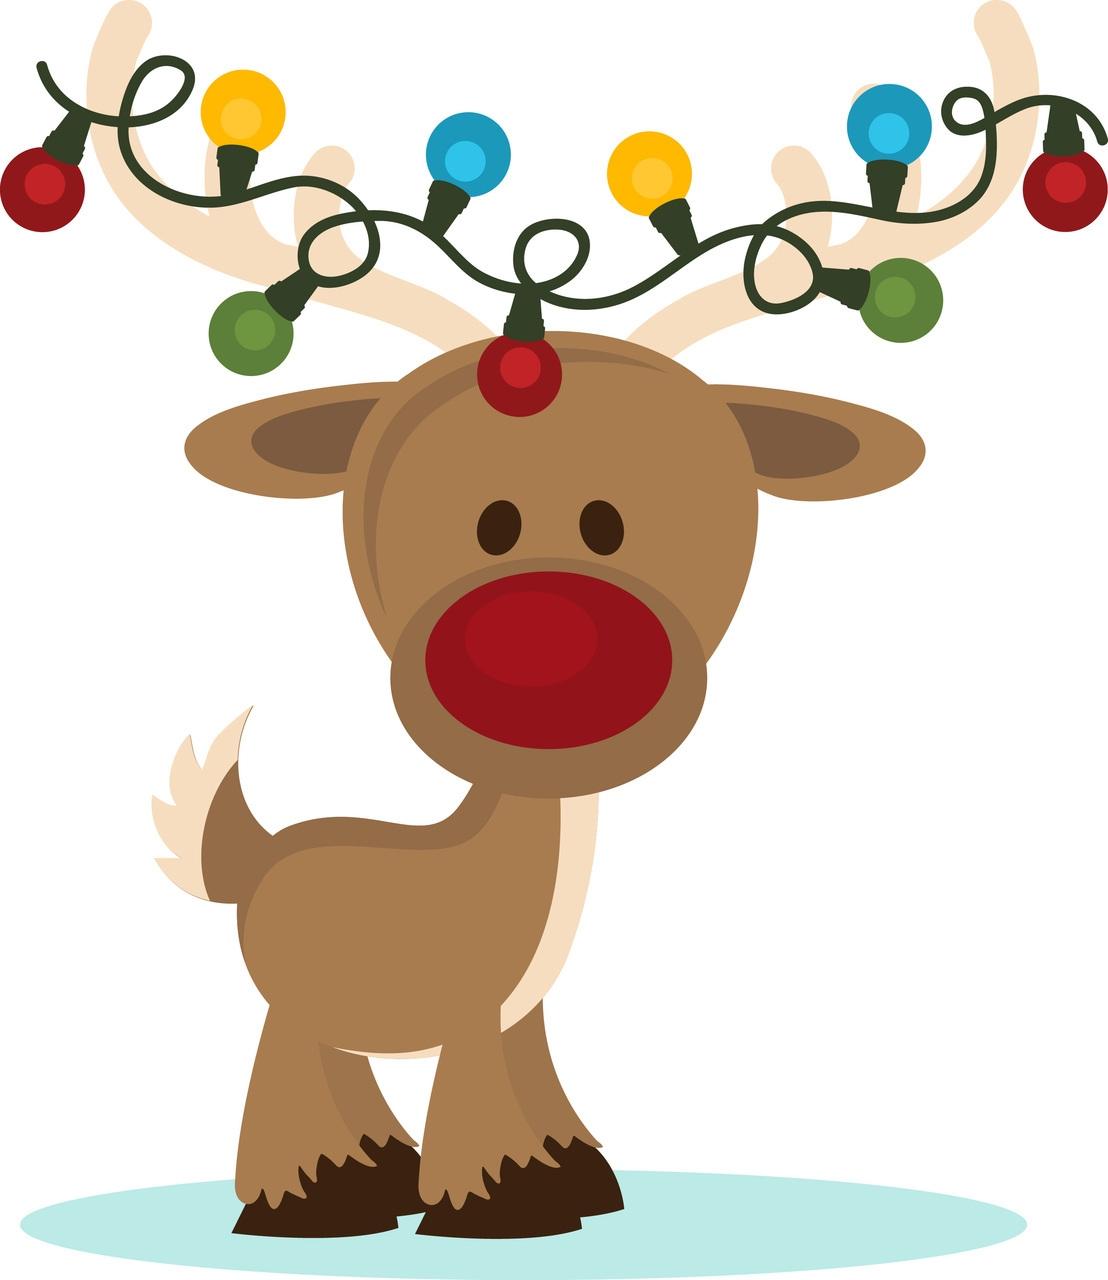 Christmas reindeer clipart Best of Reindeer photos of cute christmas.